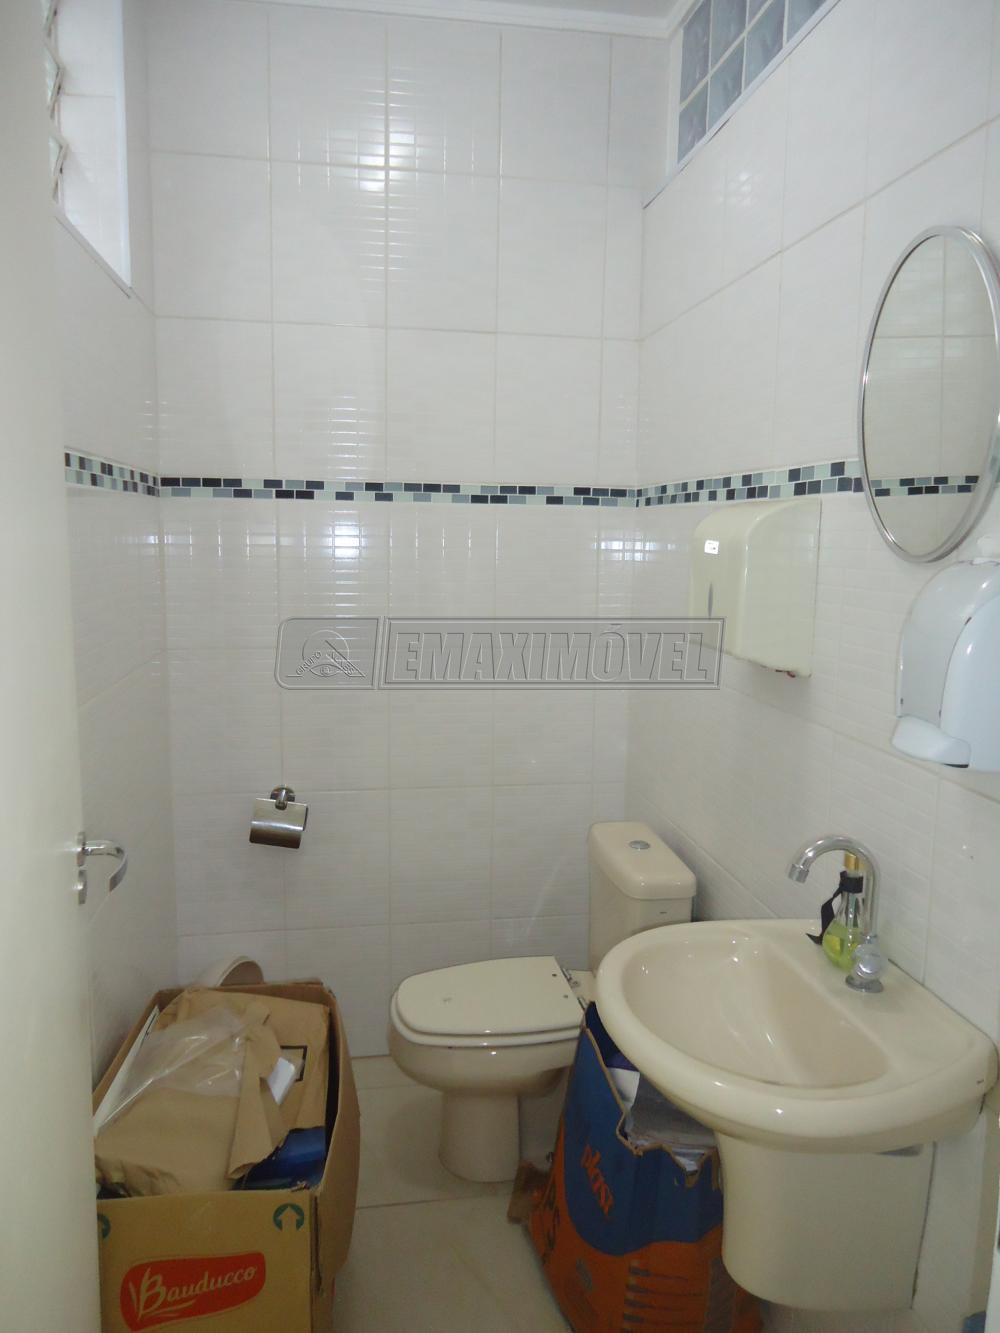 Alugar Casas / Comerciais em Sorocaba apenas R$ 4.000,00 - Foto 16